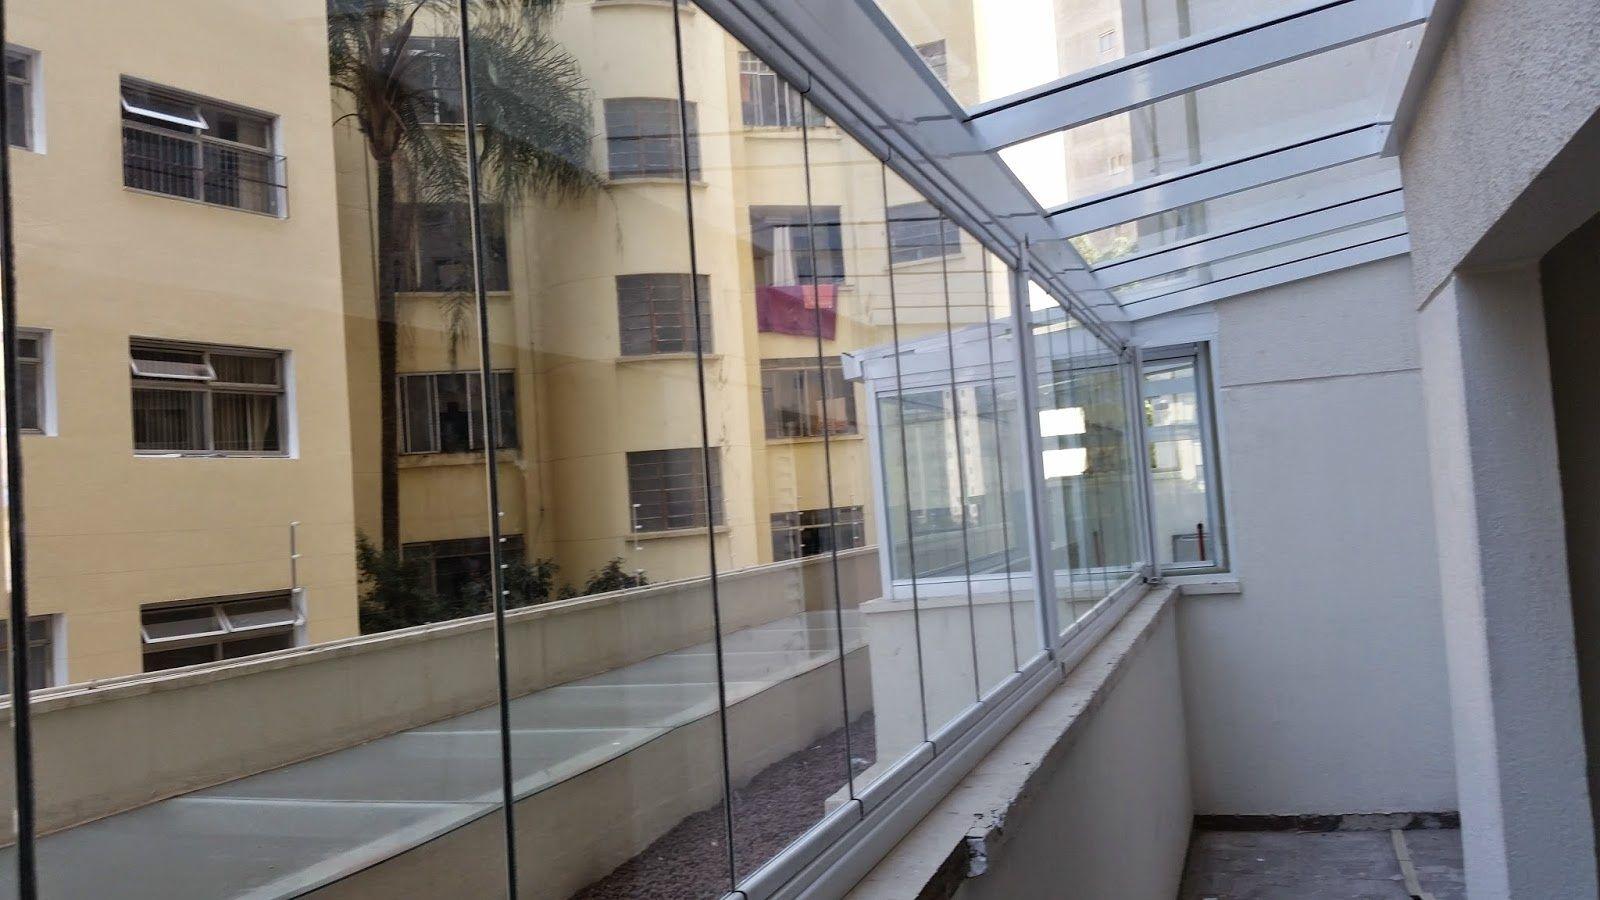 #7D6B4E Fechar varandas com vidro melhor preço em Francisco Morato 264 Janelas De Vidro Quanto Custa